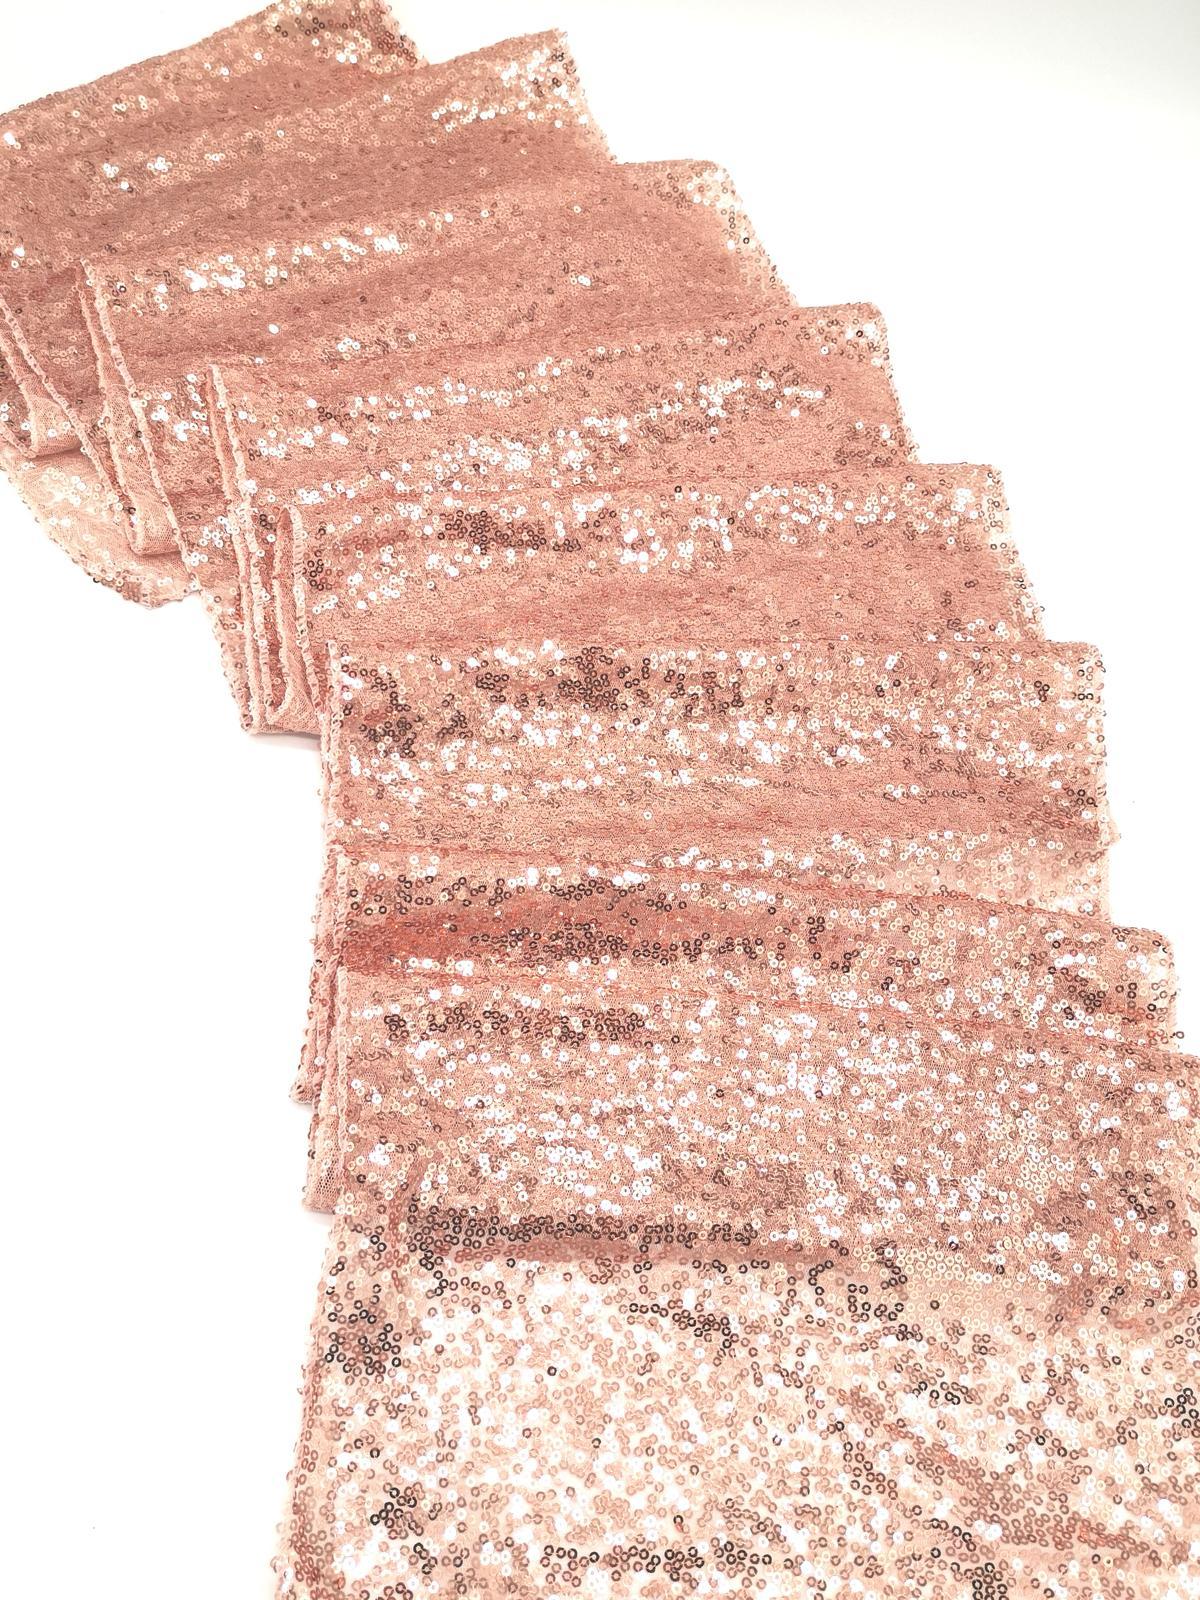 Prenájom - Flitrovaný behúň vo farbe rose gold - Obrázok č. 1